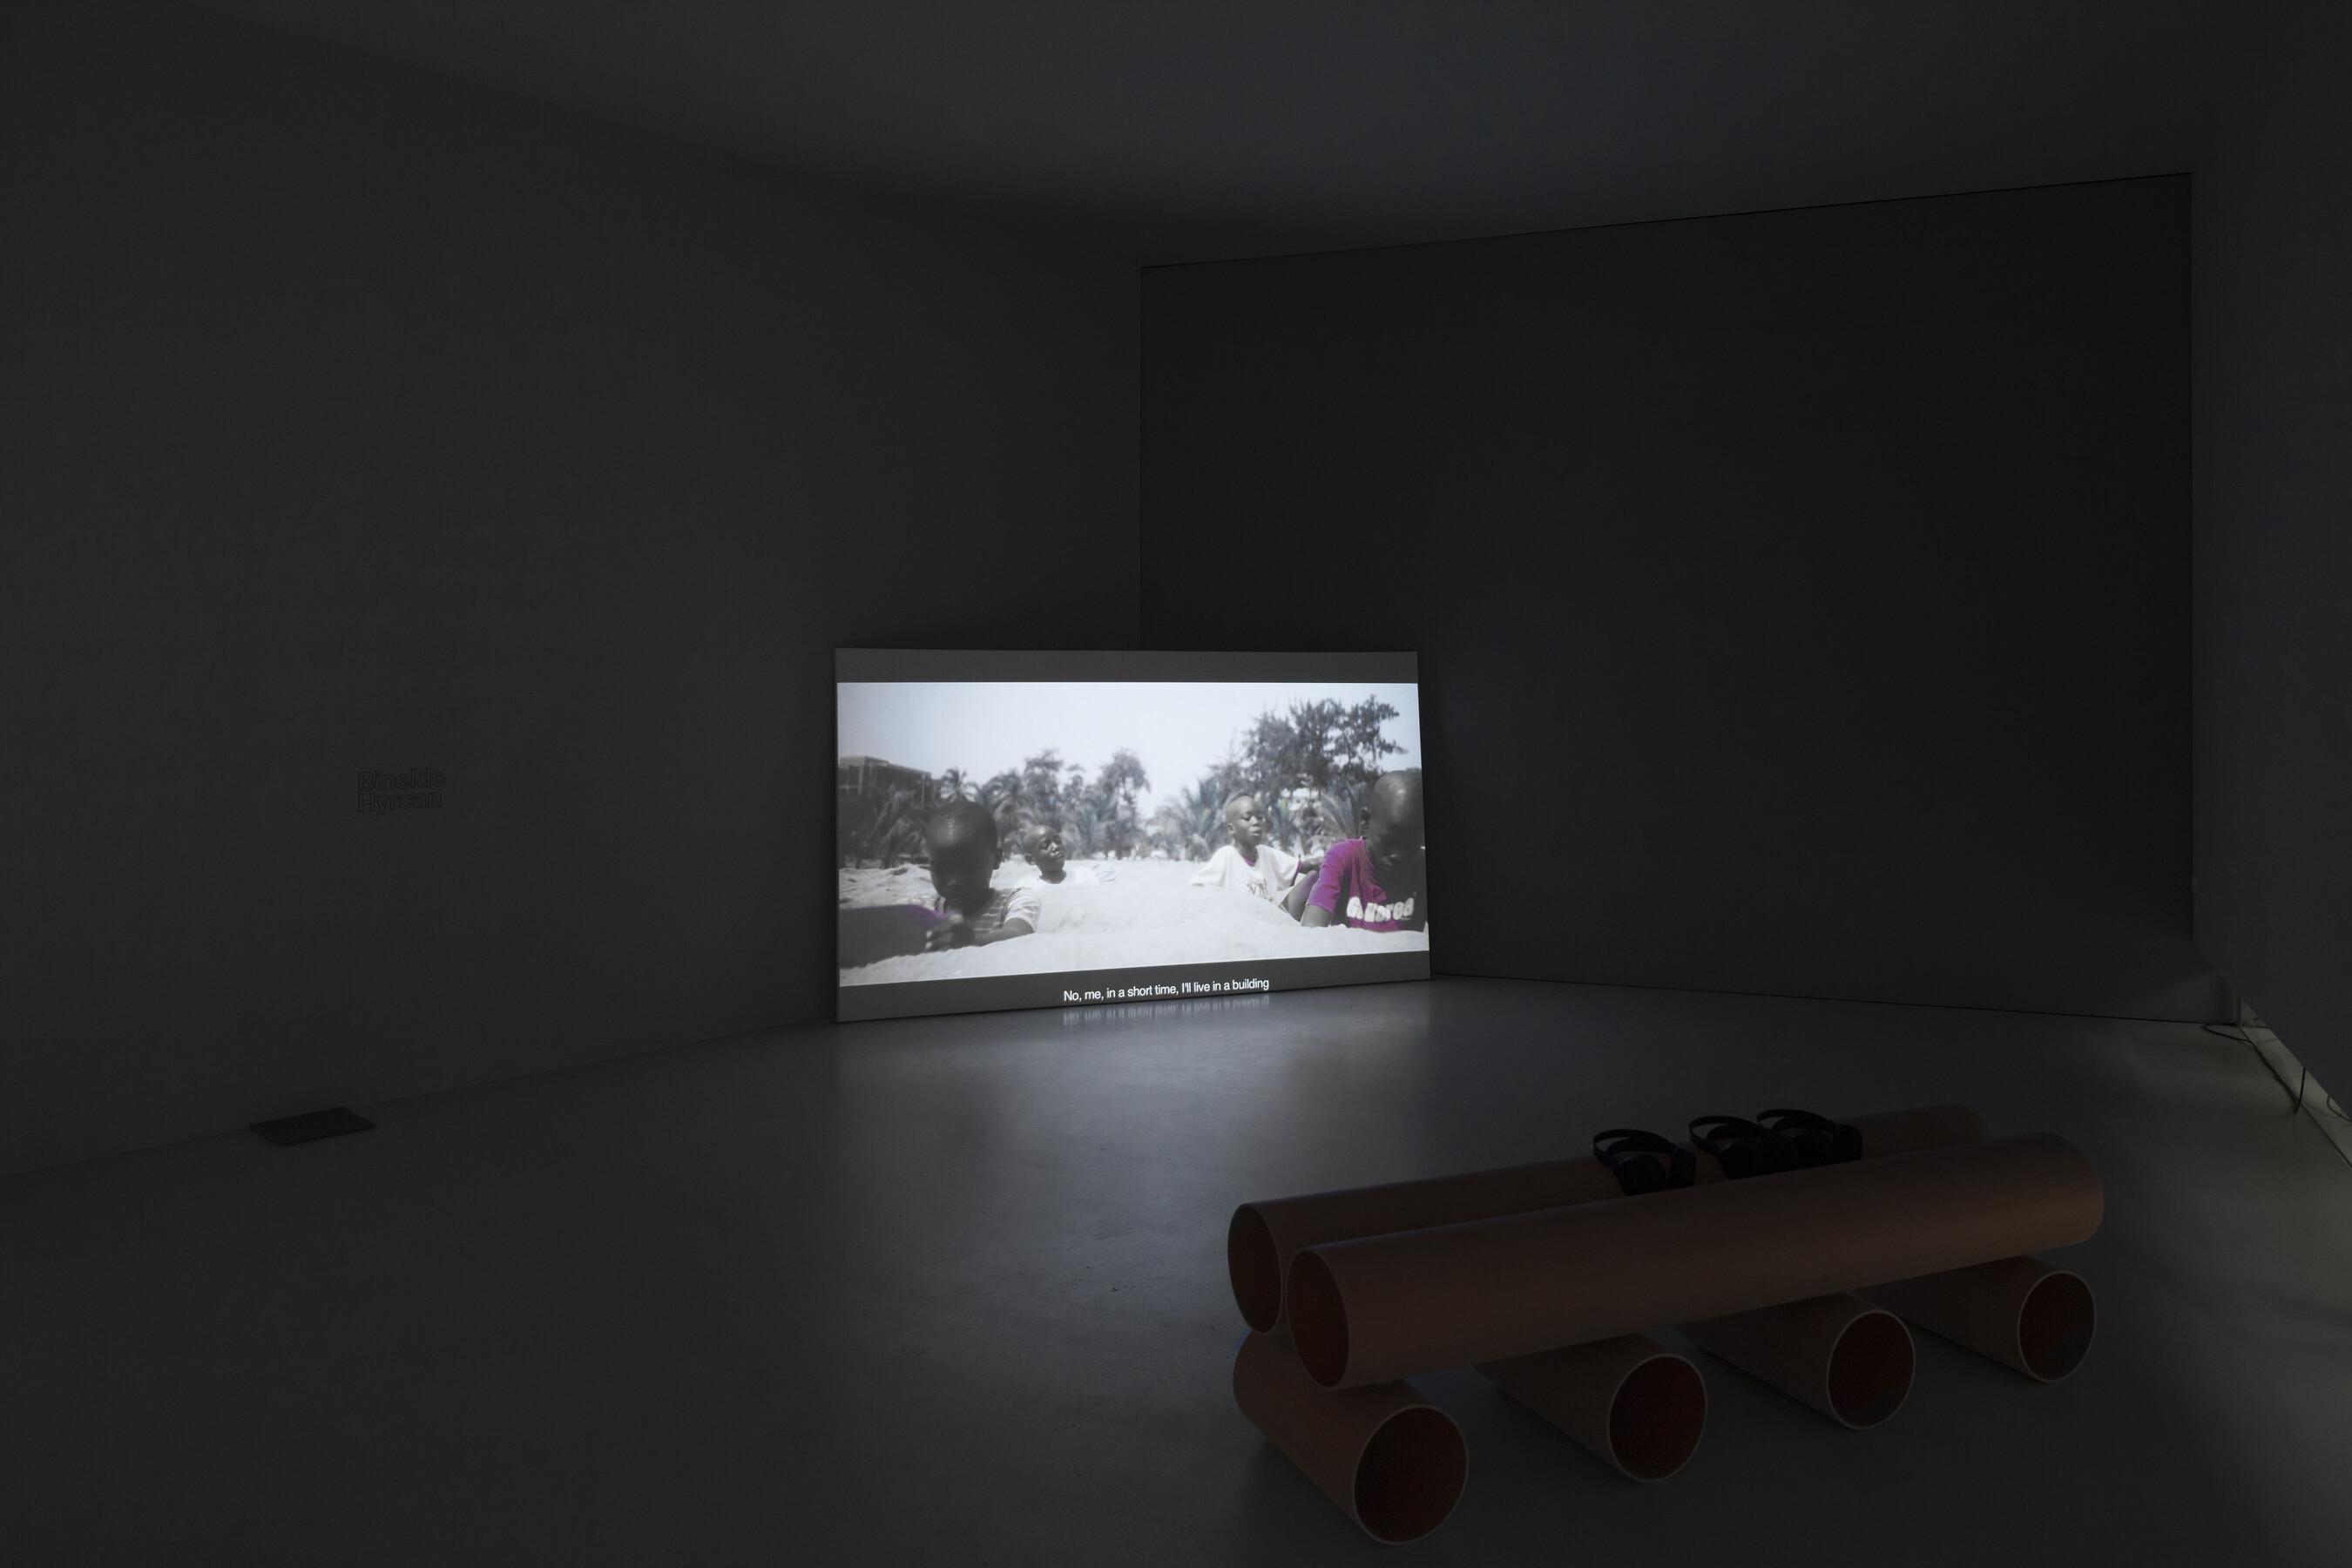 Binelde Hyrcan, Cambeck, 2011, Gaudiopolis - Versuch einer guten Gesellschaft, Ausstellungsansicht, © Galerie für Zeitgenössische Kunst